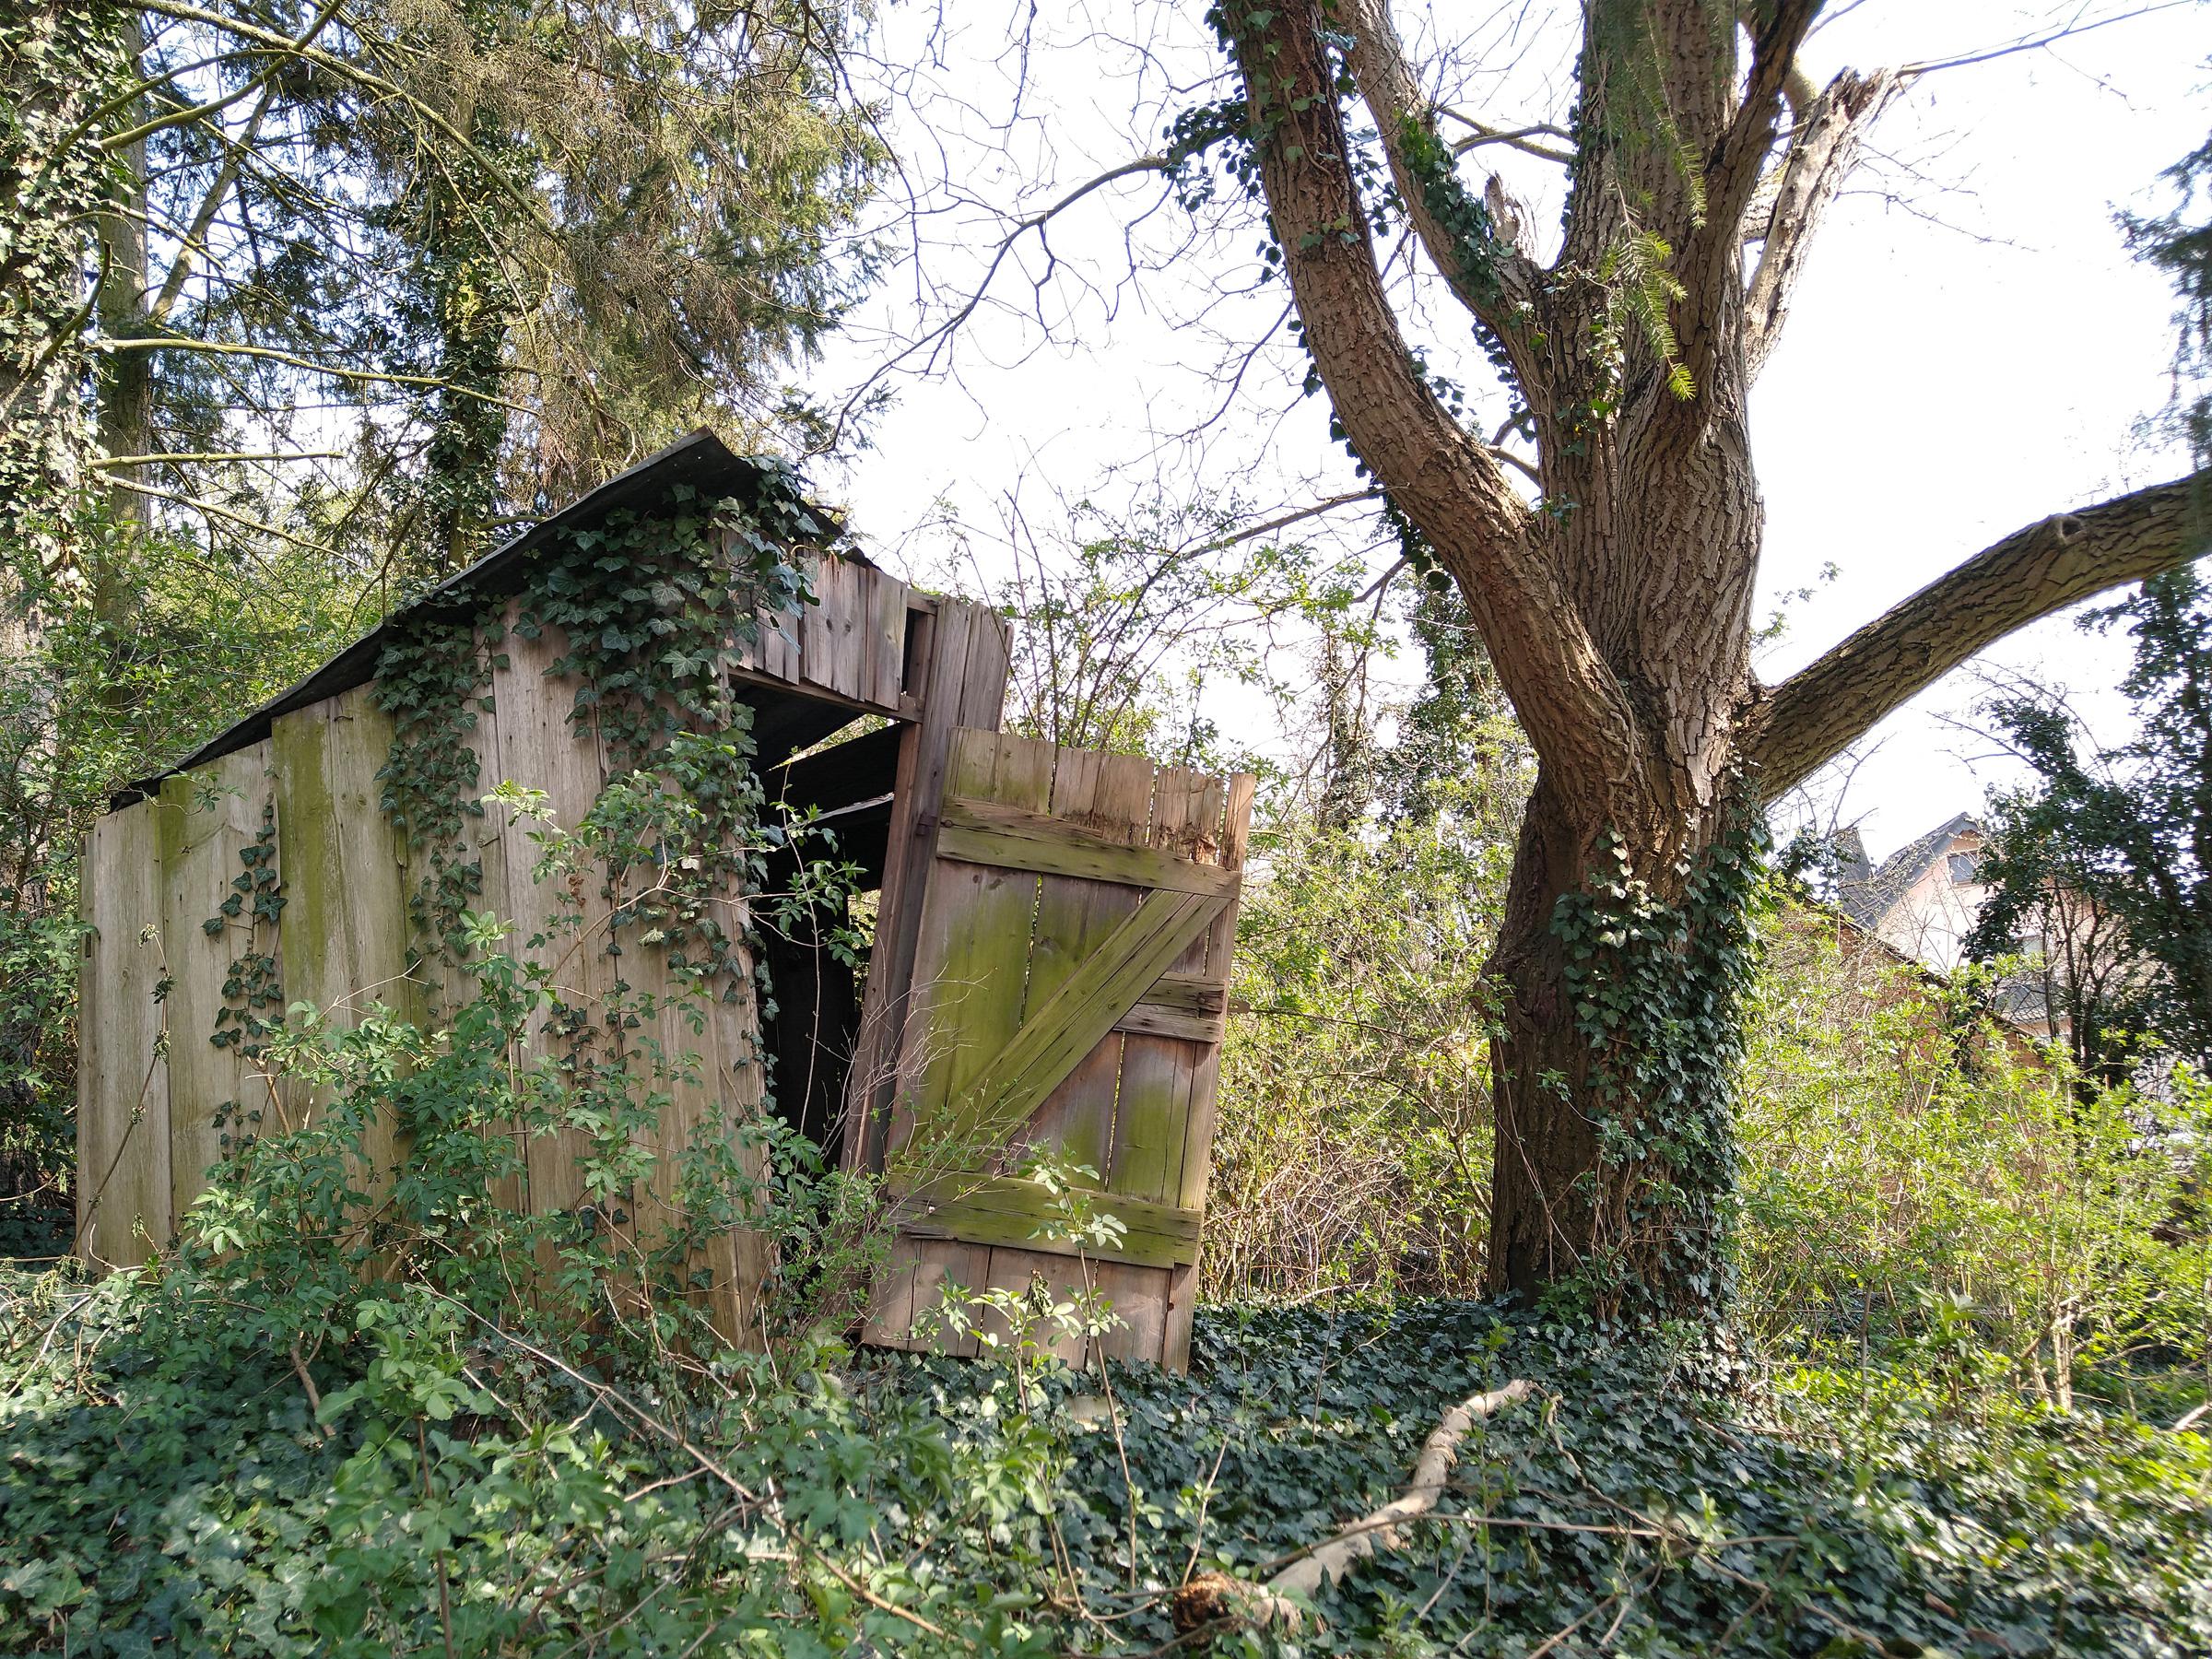 Tante Hildas Hütte - Fotovorlage für DrawThisInYourStyle